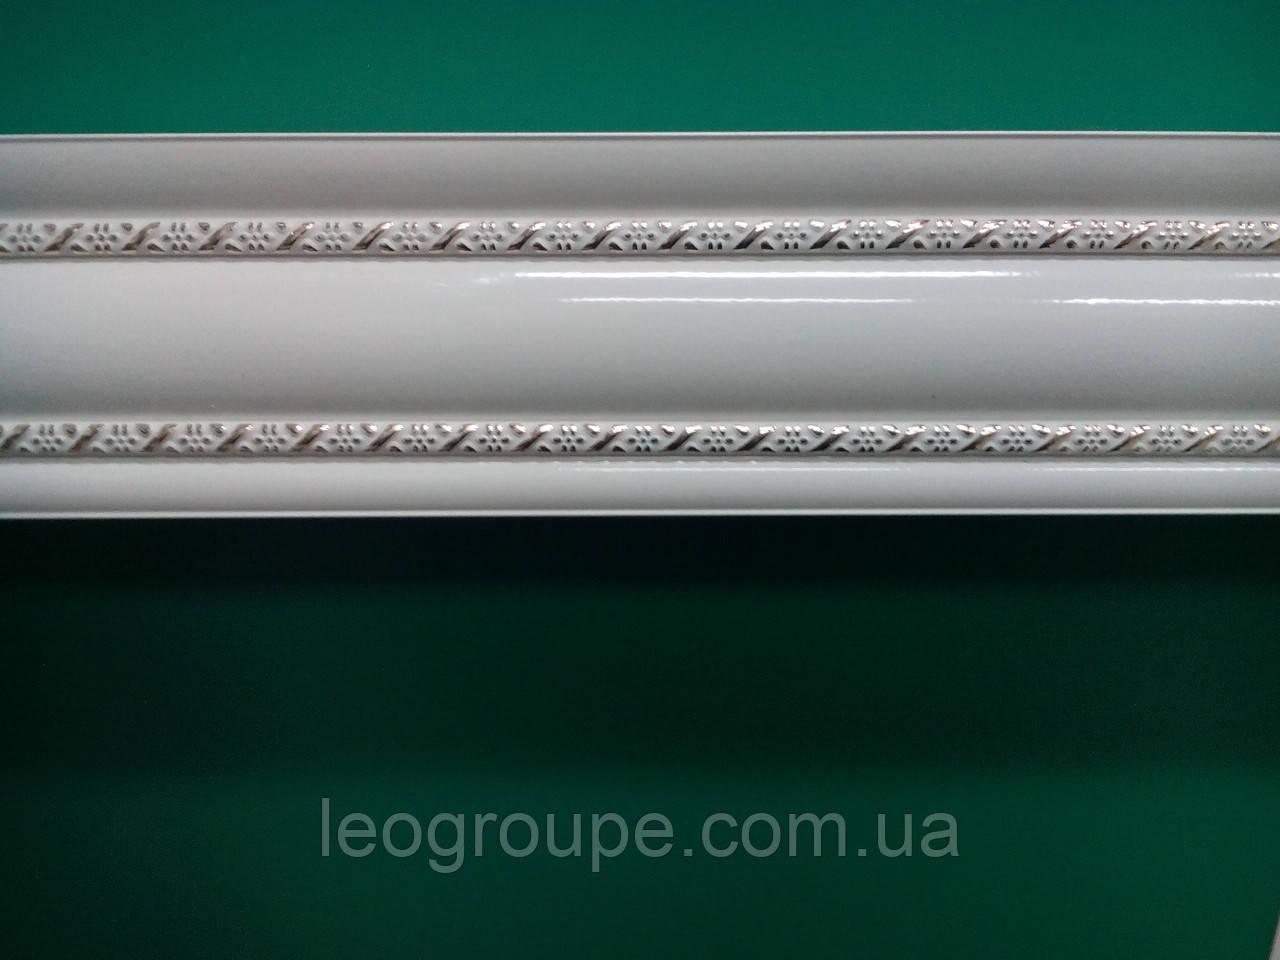 Карниз алюминий белый молдинг 2-1,75м